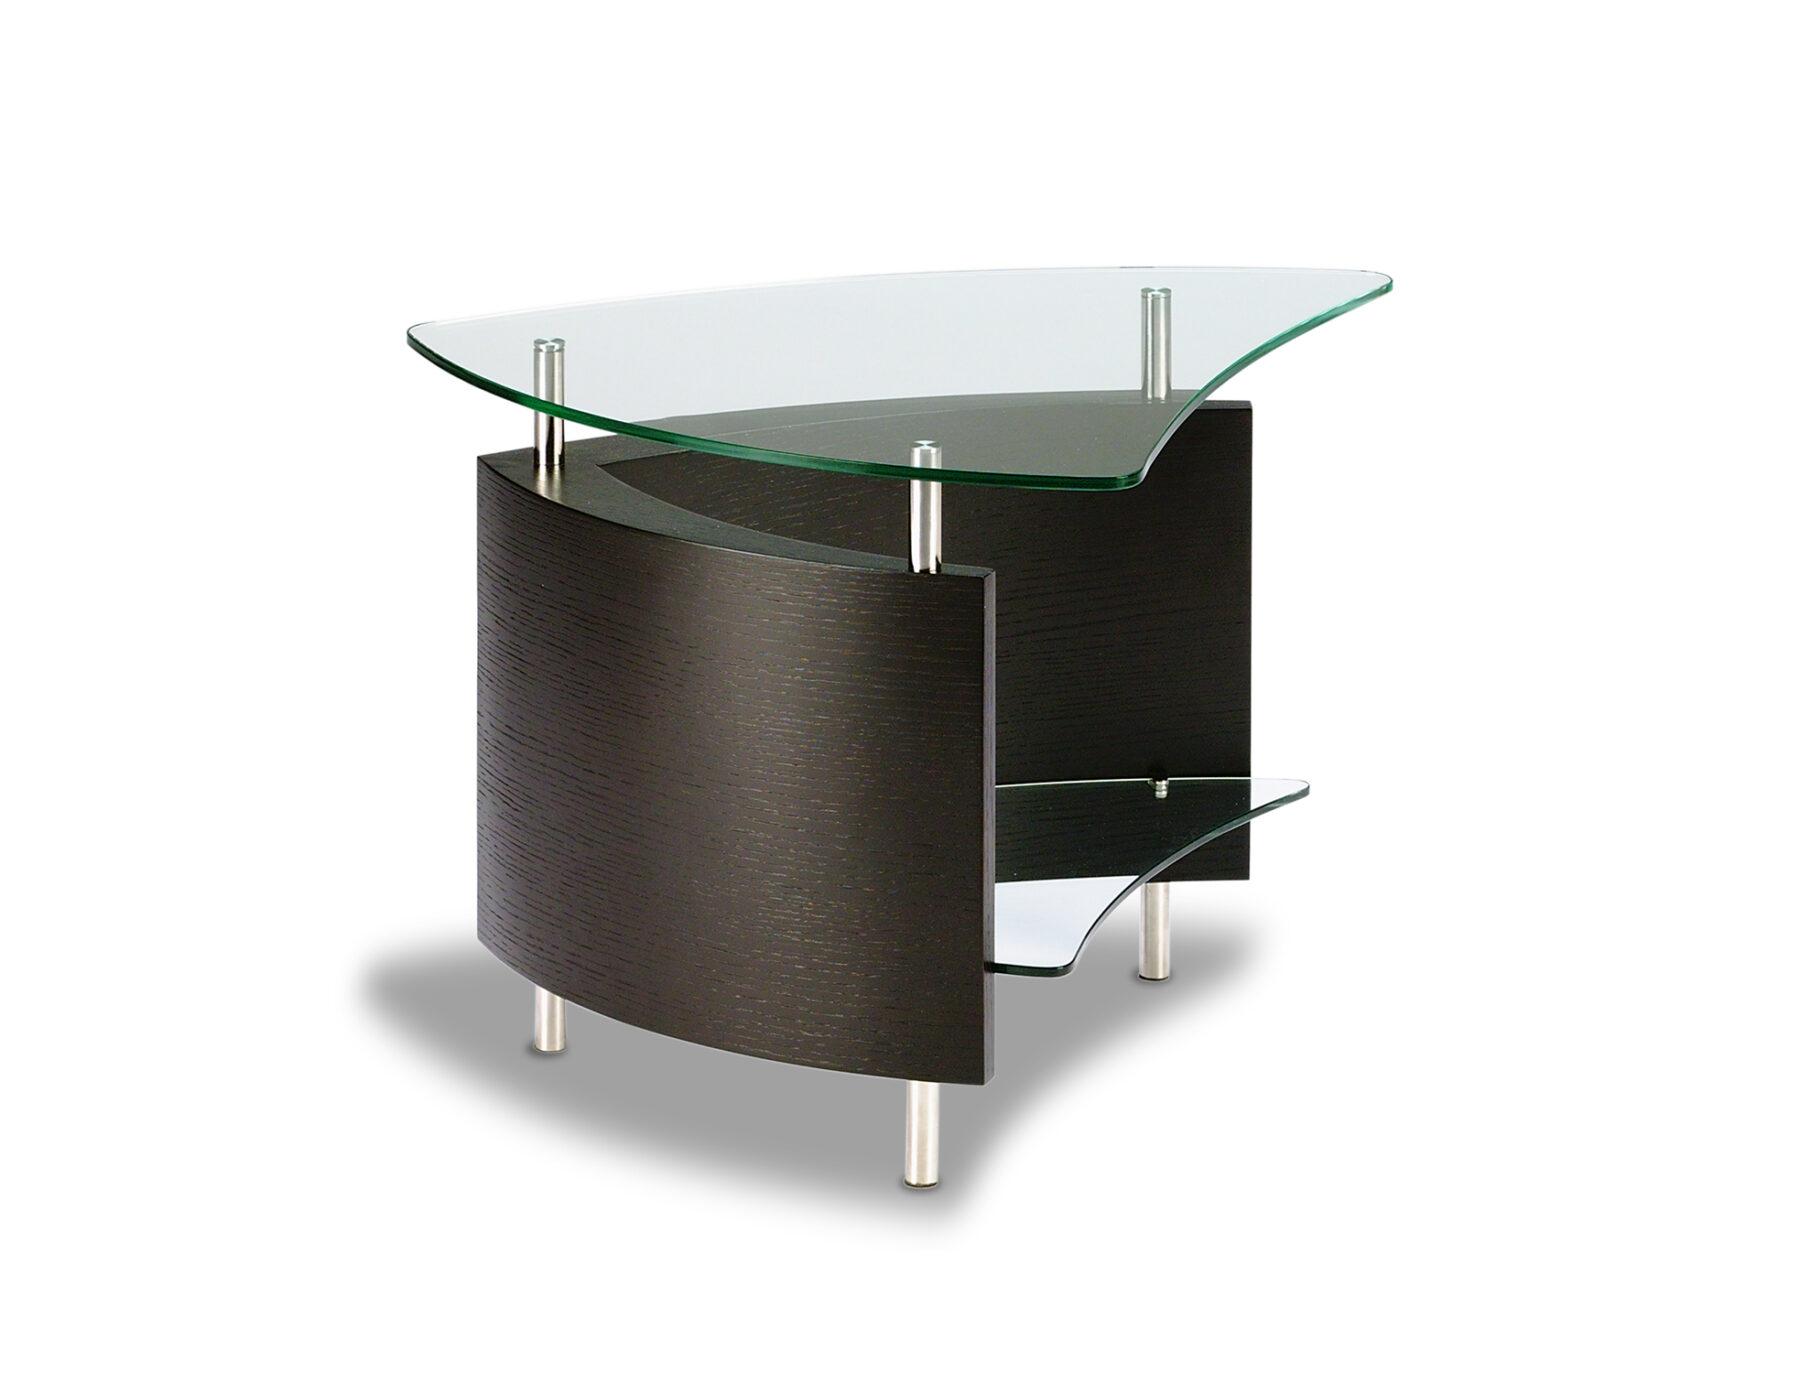 fin-1110-espresso-bdi-contemporary-coffee-tables-4